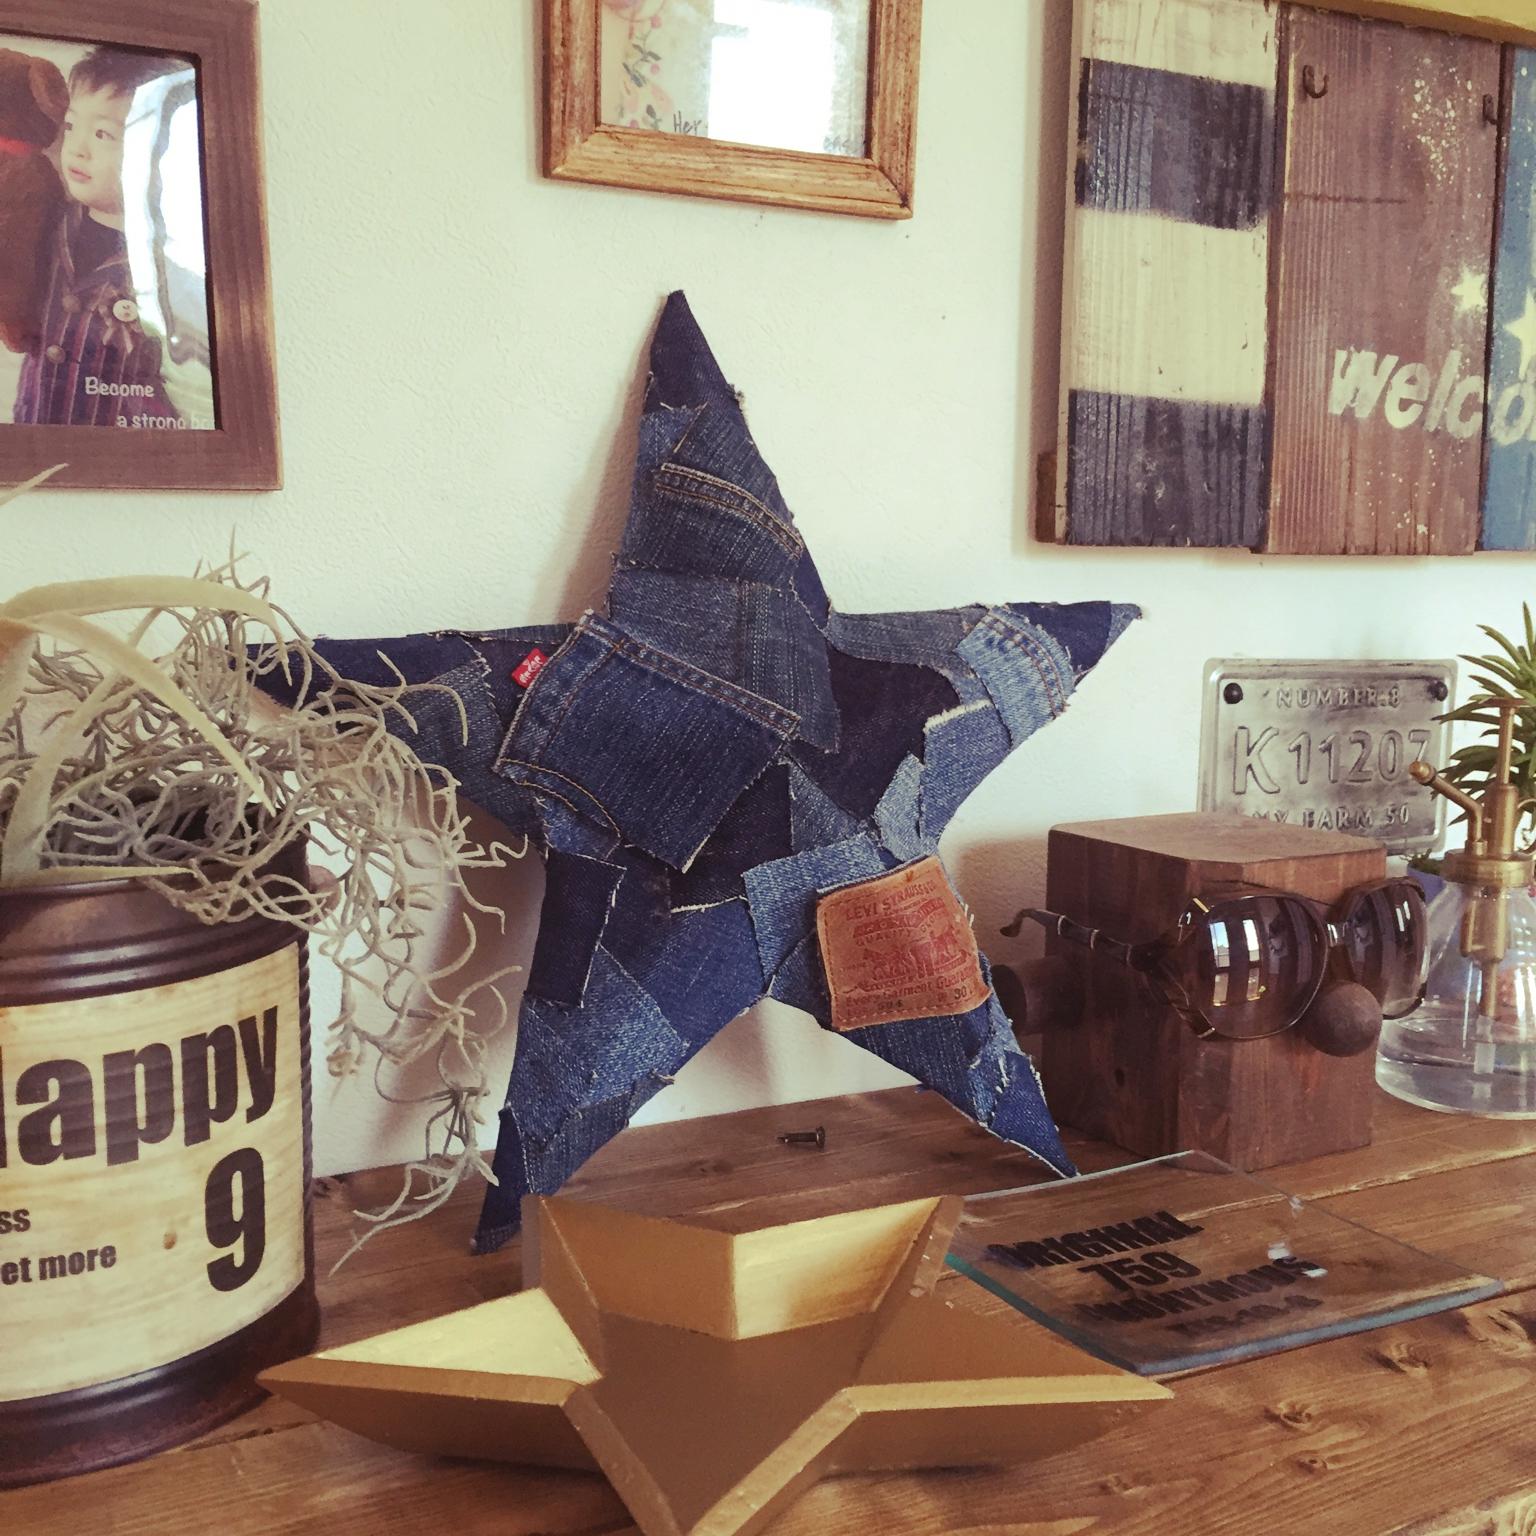 星がポイント!マネしたくなる、スターモチーフのあるお部屋 | RoomClip mag | 暮らしとインテリアのwebマガジン